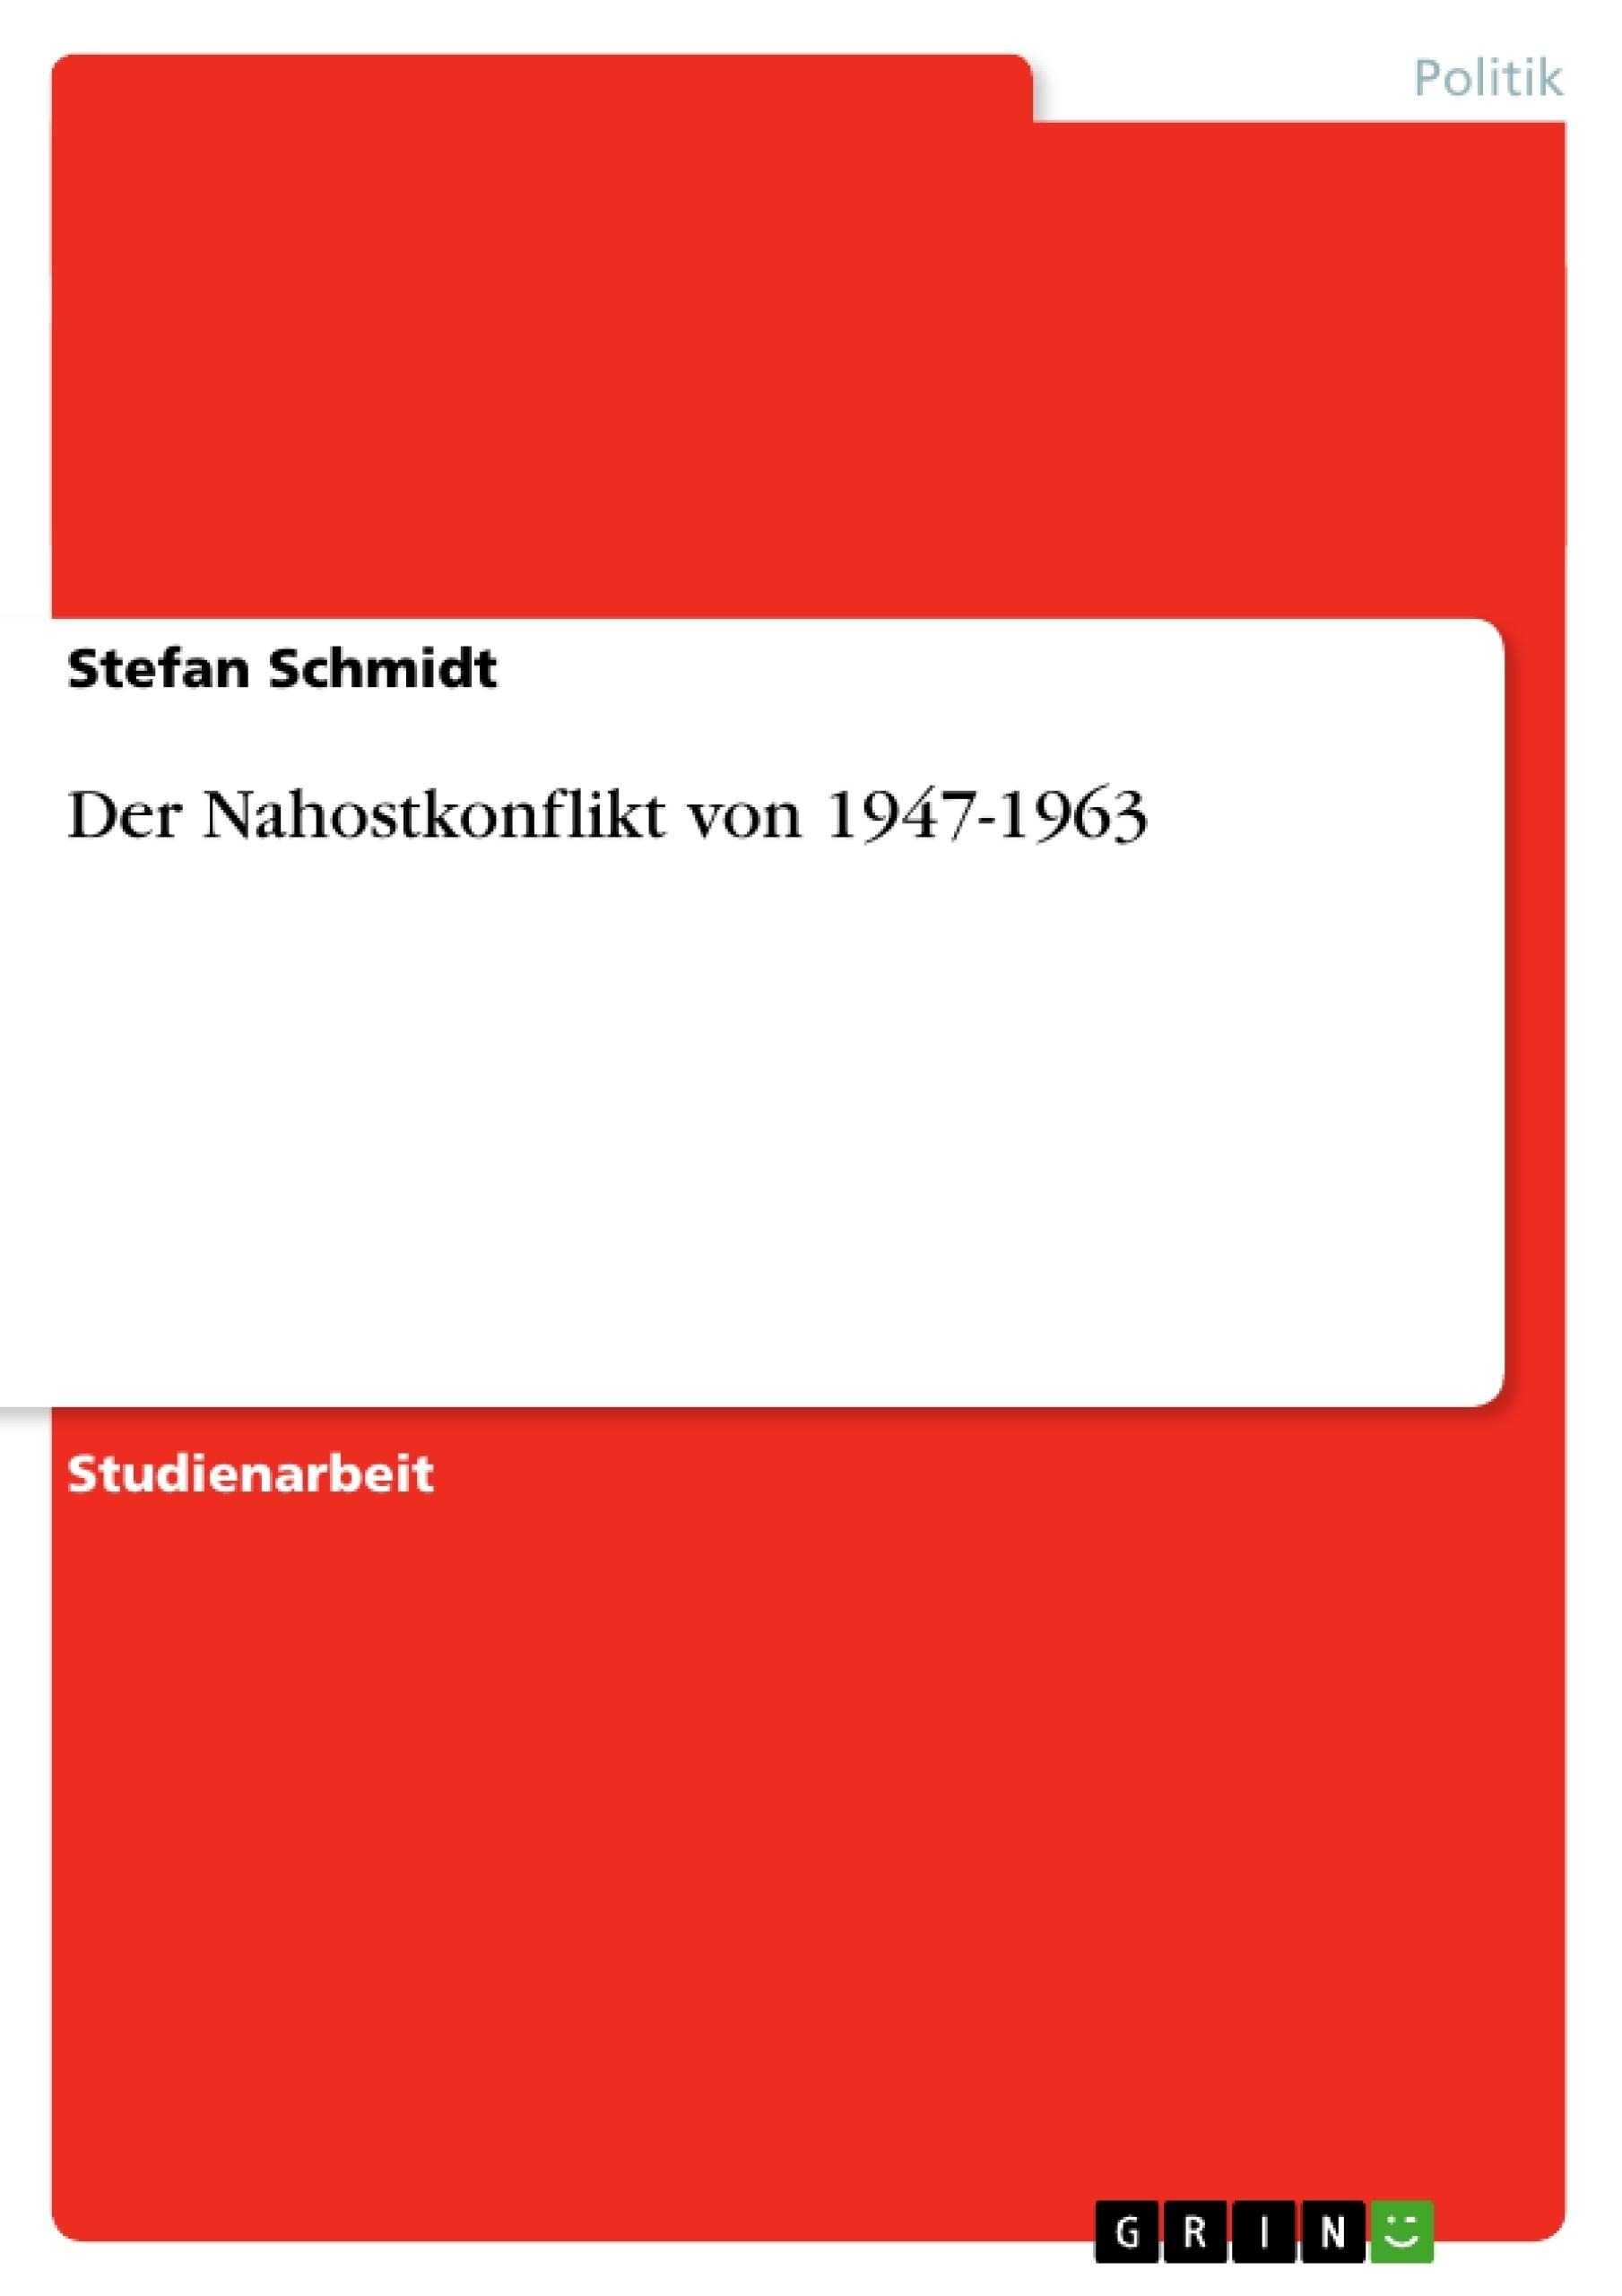 Titel: Der Nahostkonflikt von 1947-1963